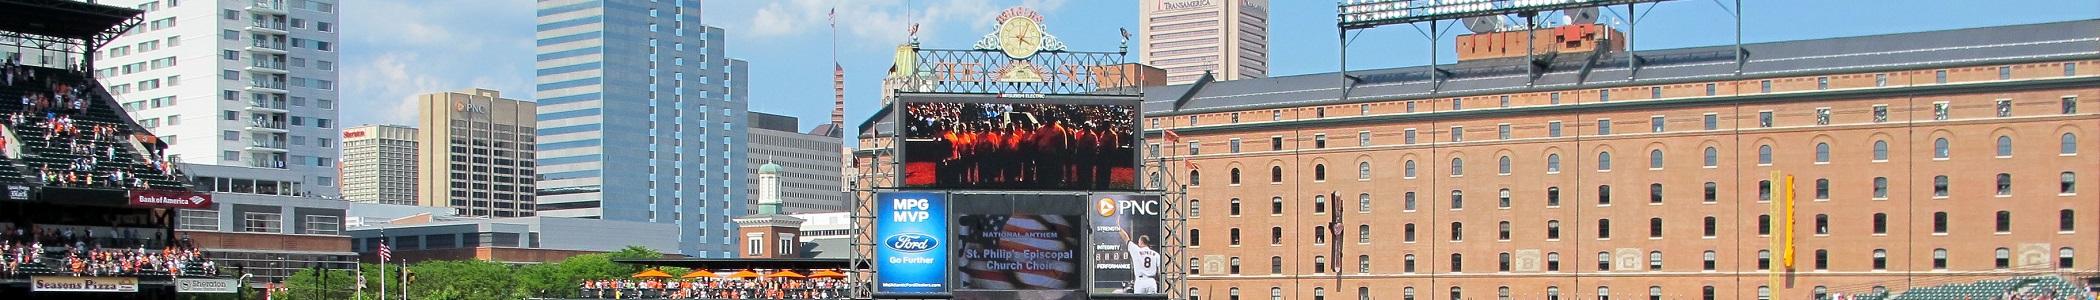 Free Things to Do in Baltimore Visit Baltimore